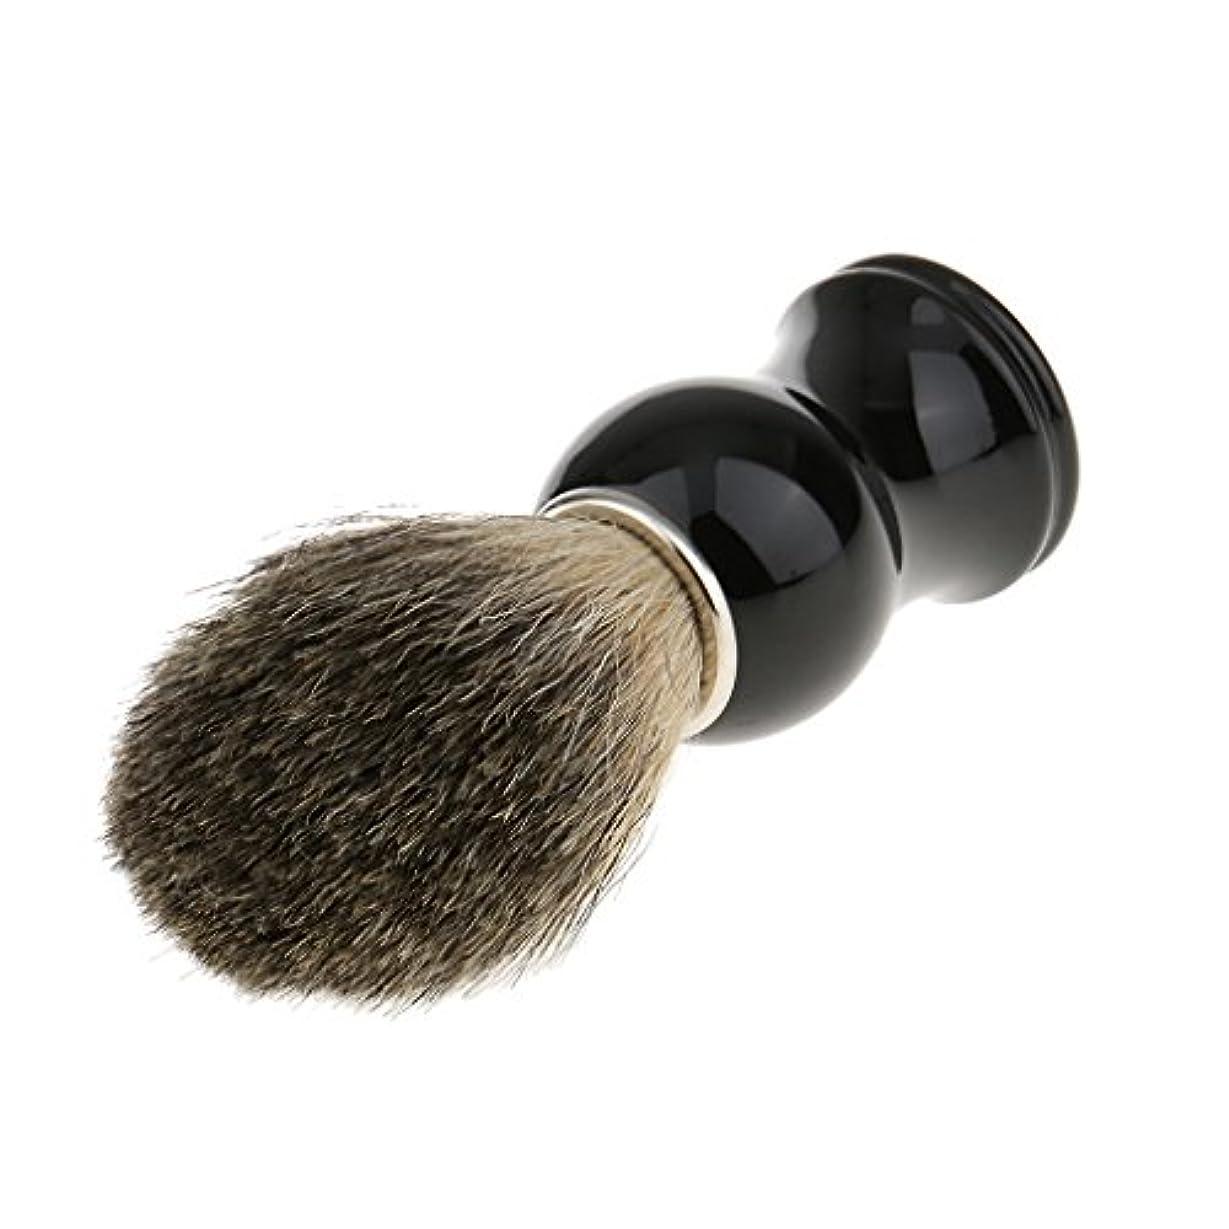 医療のストライプ代表人工毛 シェービングブラシ 柔らかい 理容 洗顔 髭剃り 乾くやすい 11.2cm ブラックハンドル